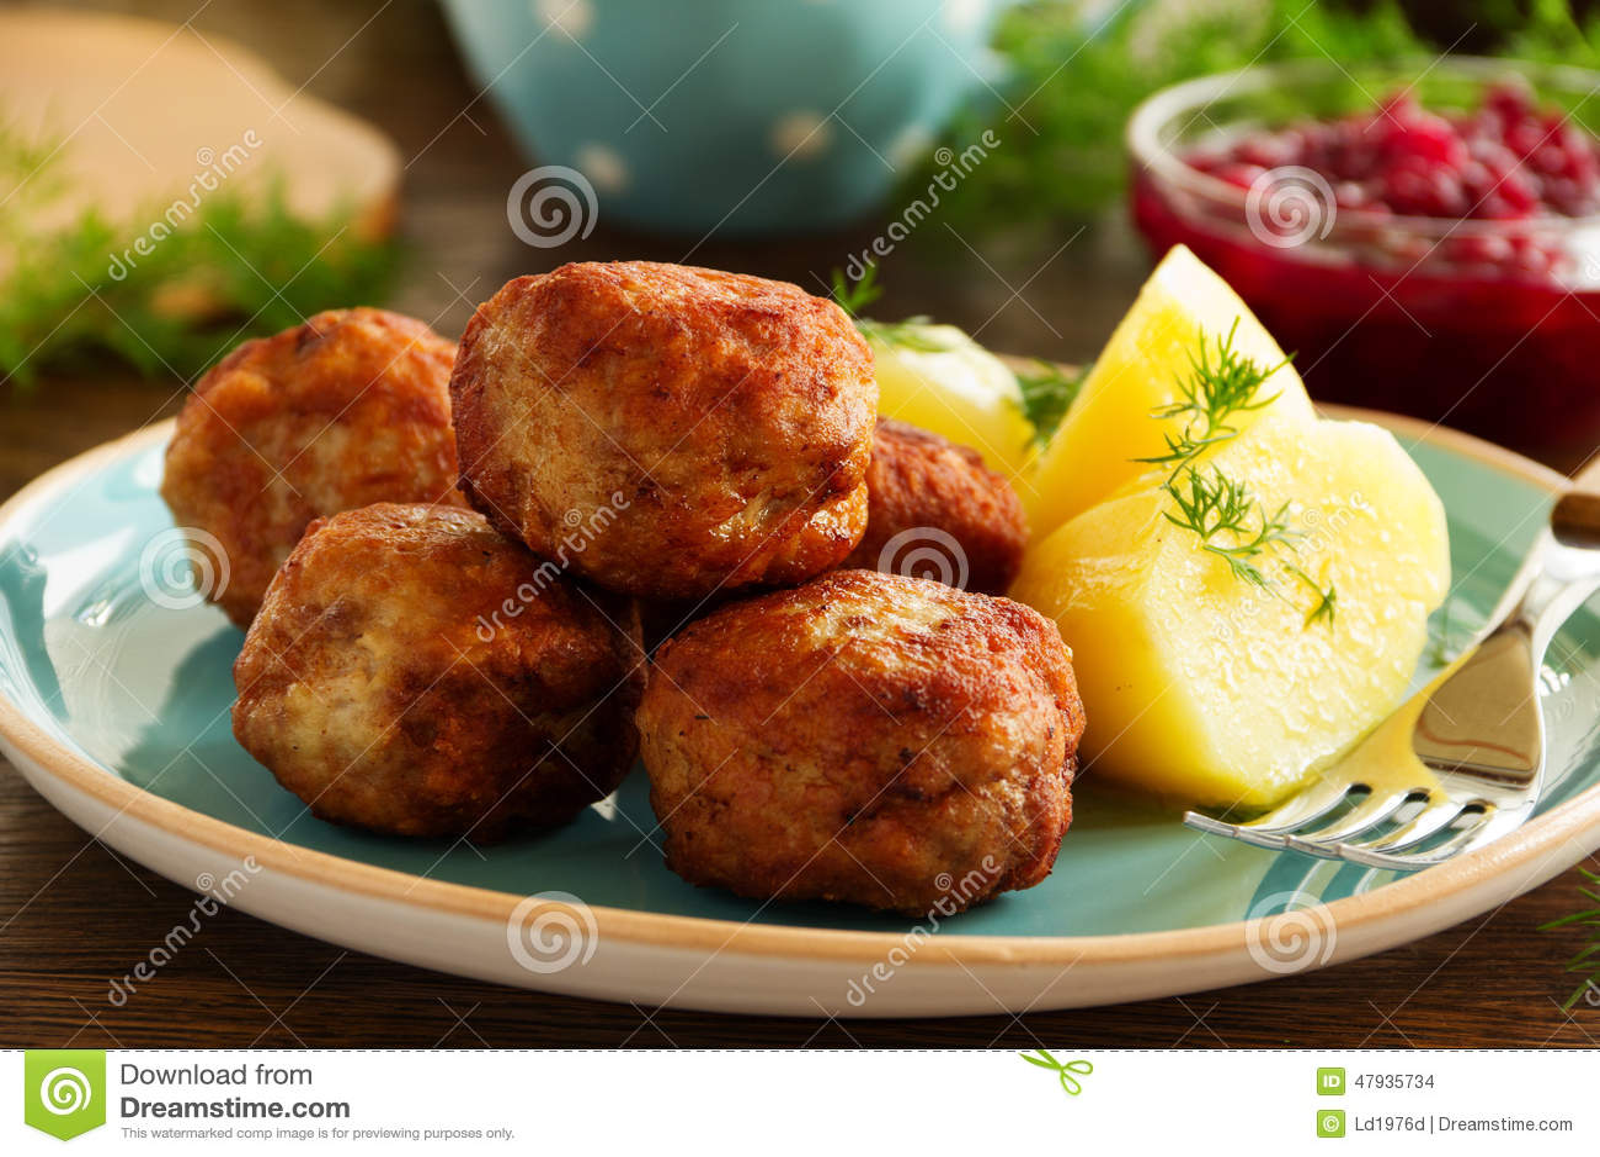 热的丸子用煮的土豆 库存照片 - 图片: 47935734图片